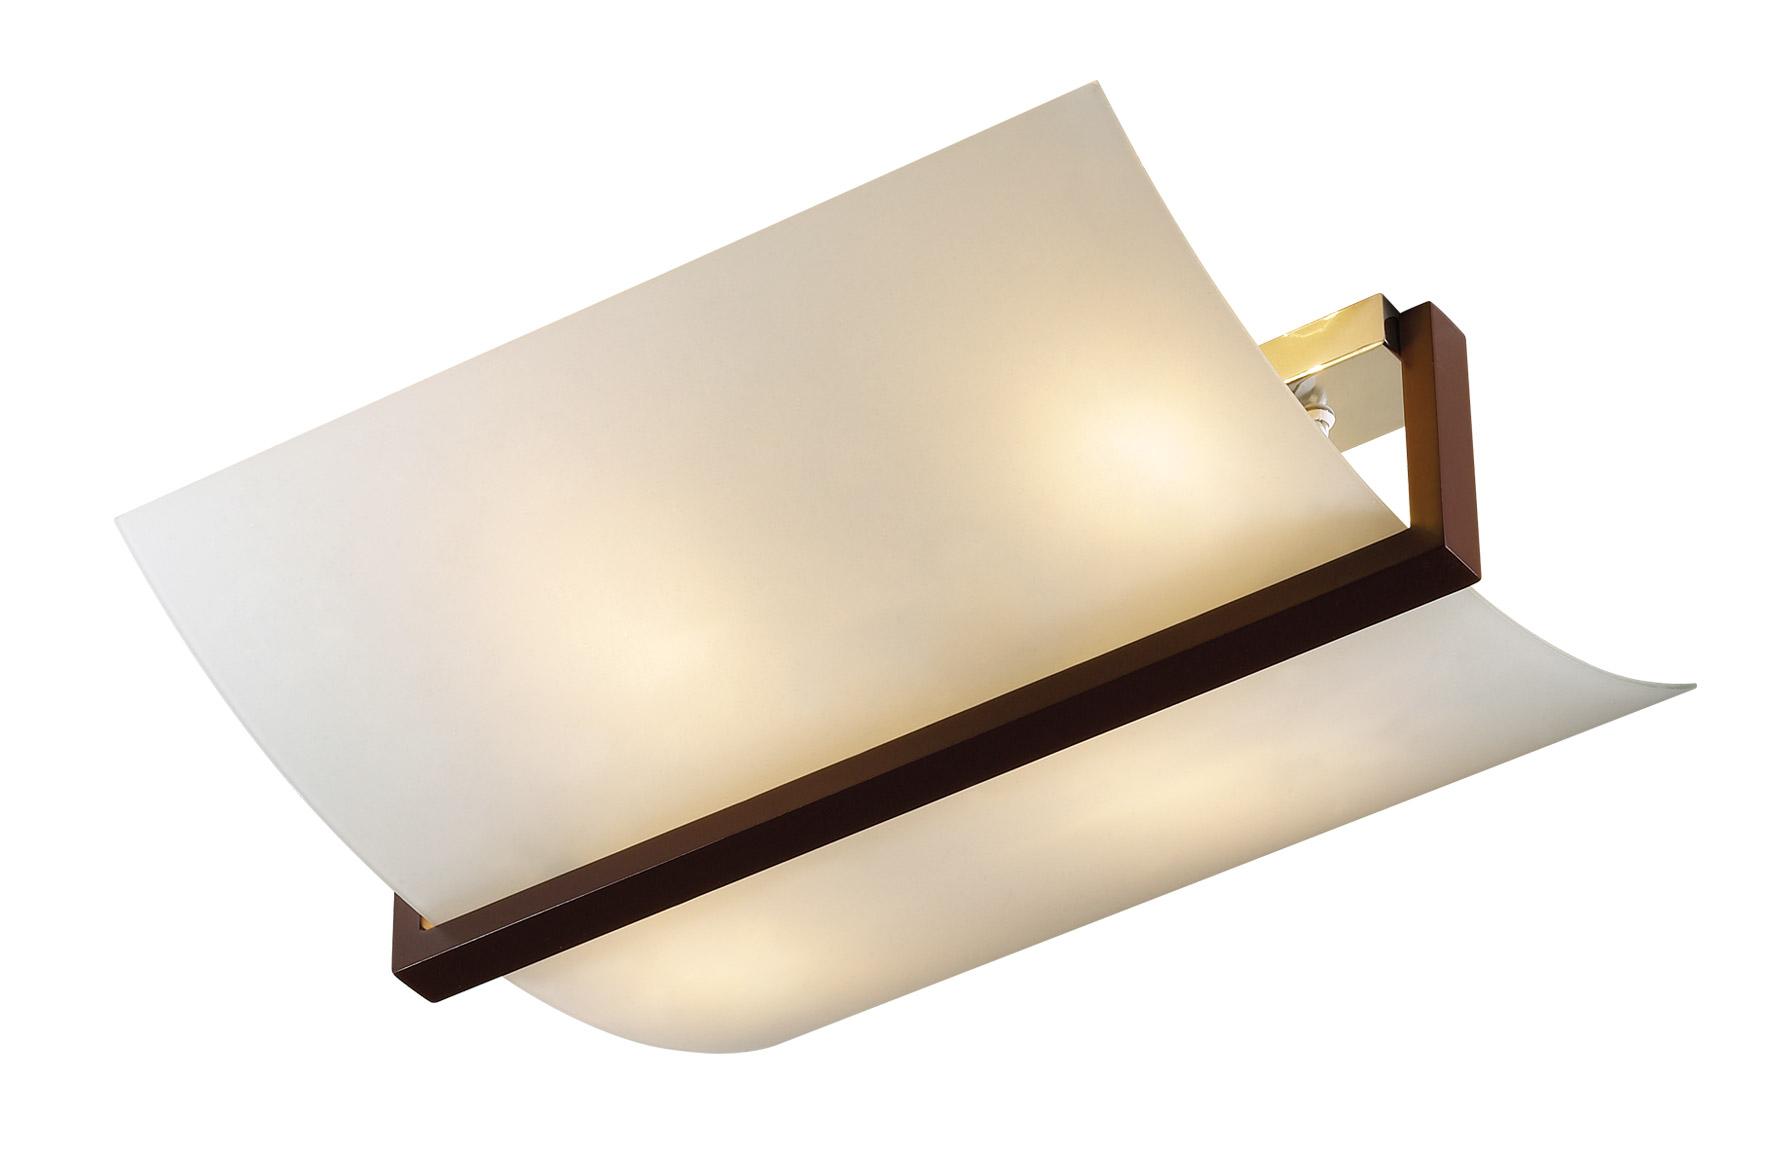 потолочный светильник сонекс 3227 fbr12 014 Светильник настенно-потолочный СОНЕКС 4216